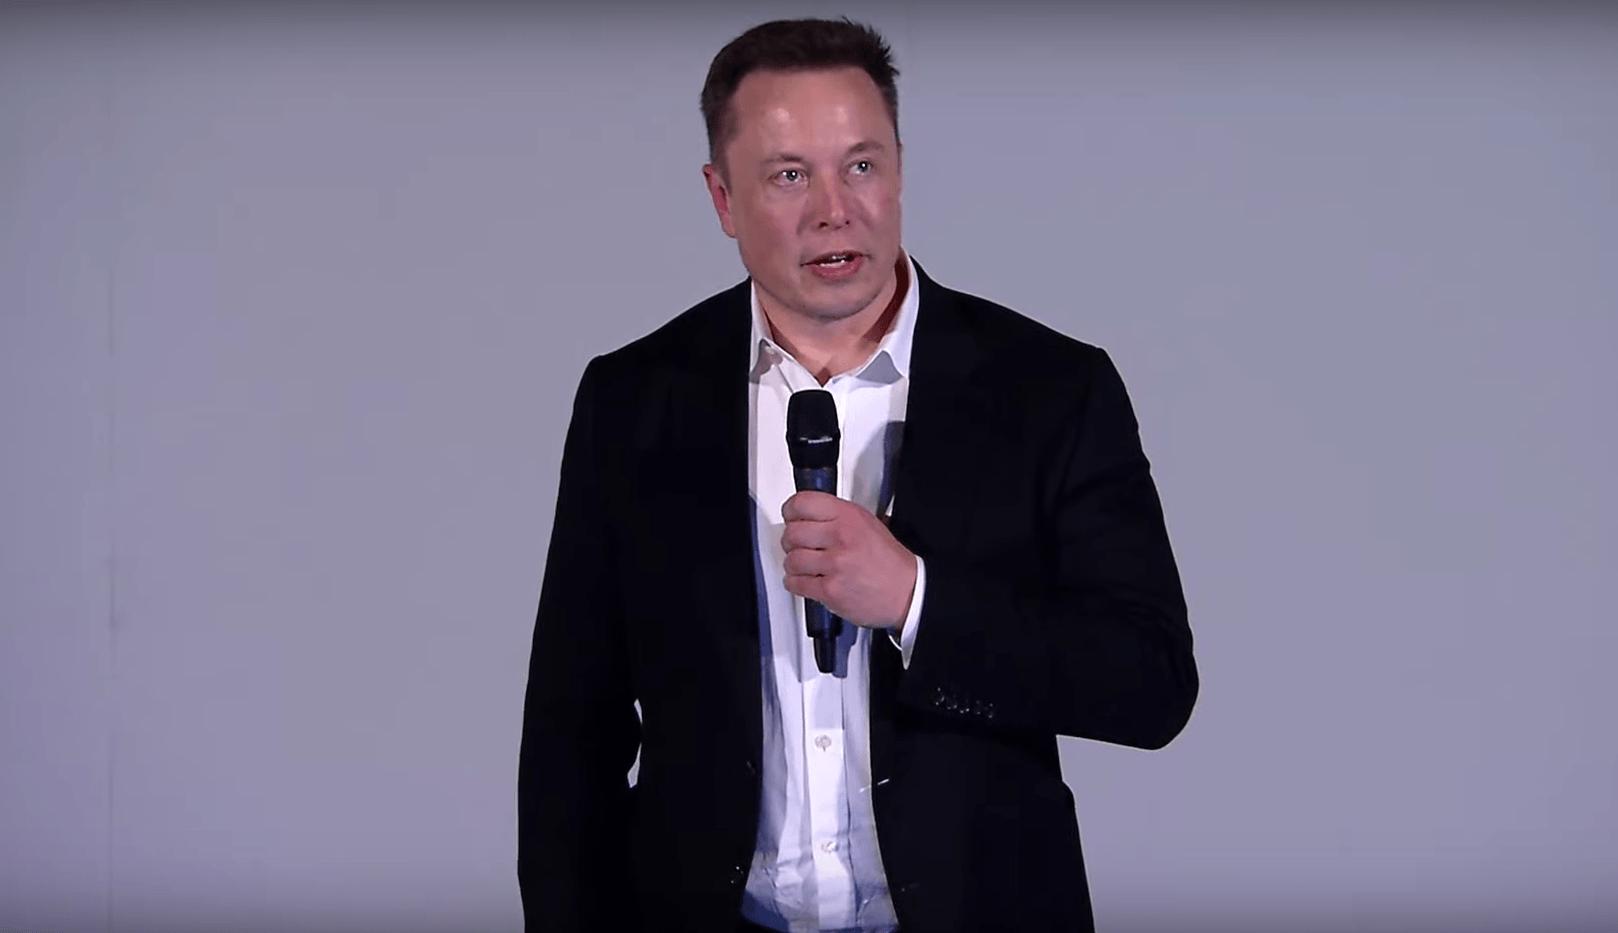 Après avoir accusé un sauveteur d'être « pédophile », place à la défense ridicule d'Elon Musk